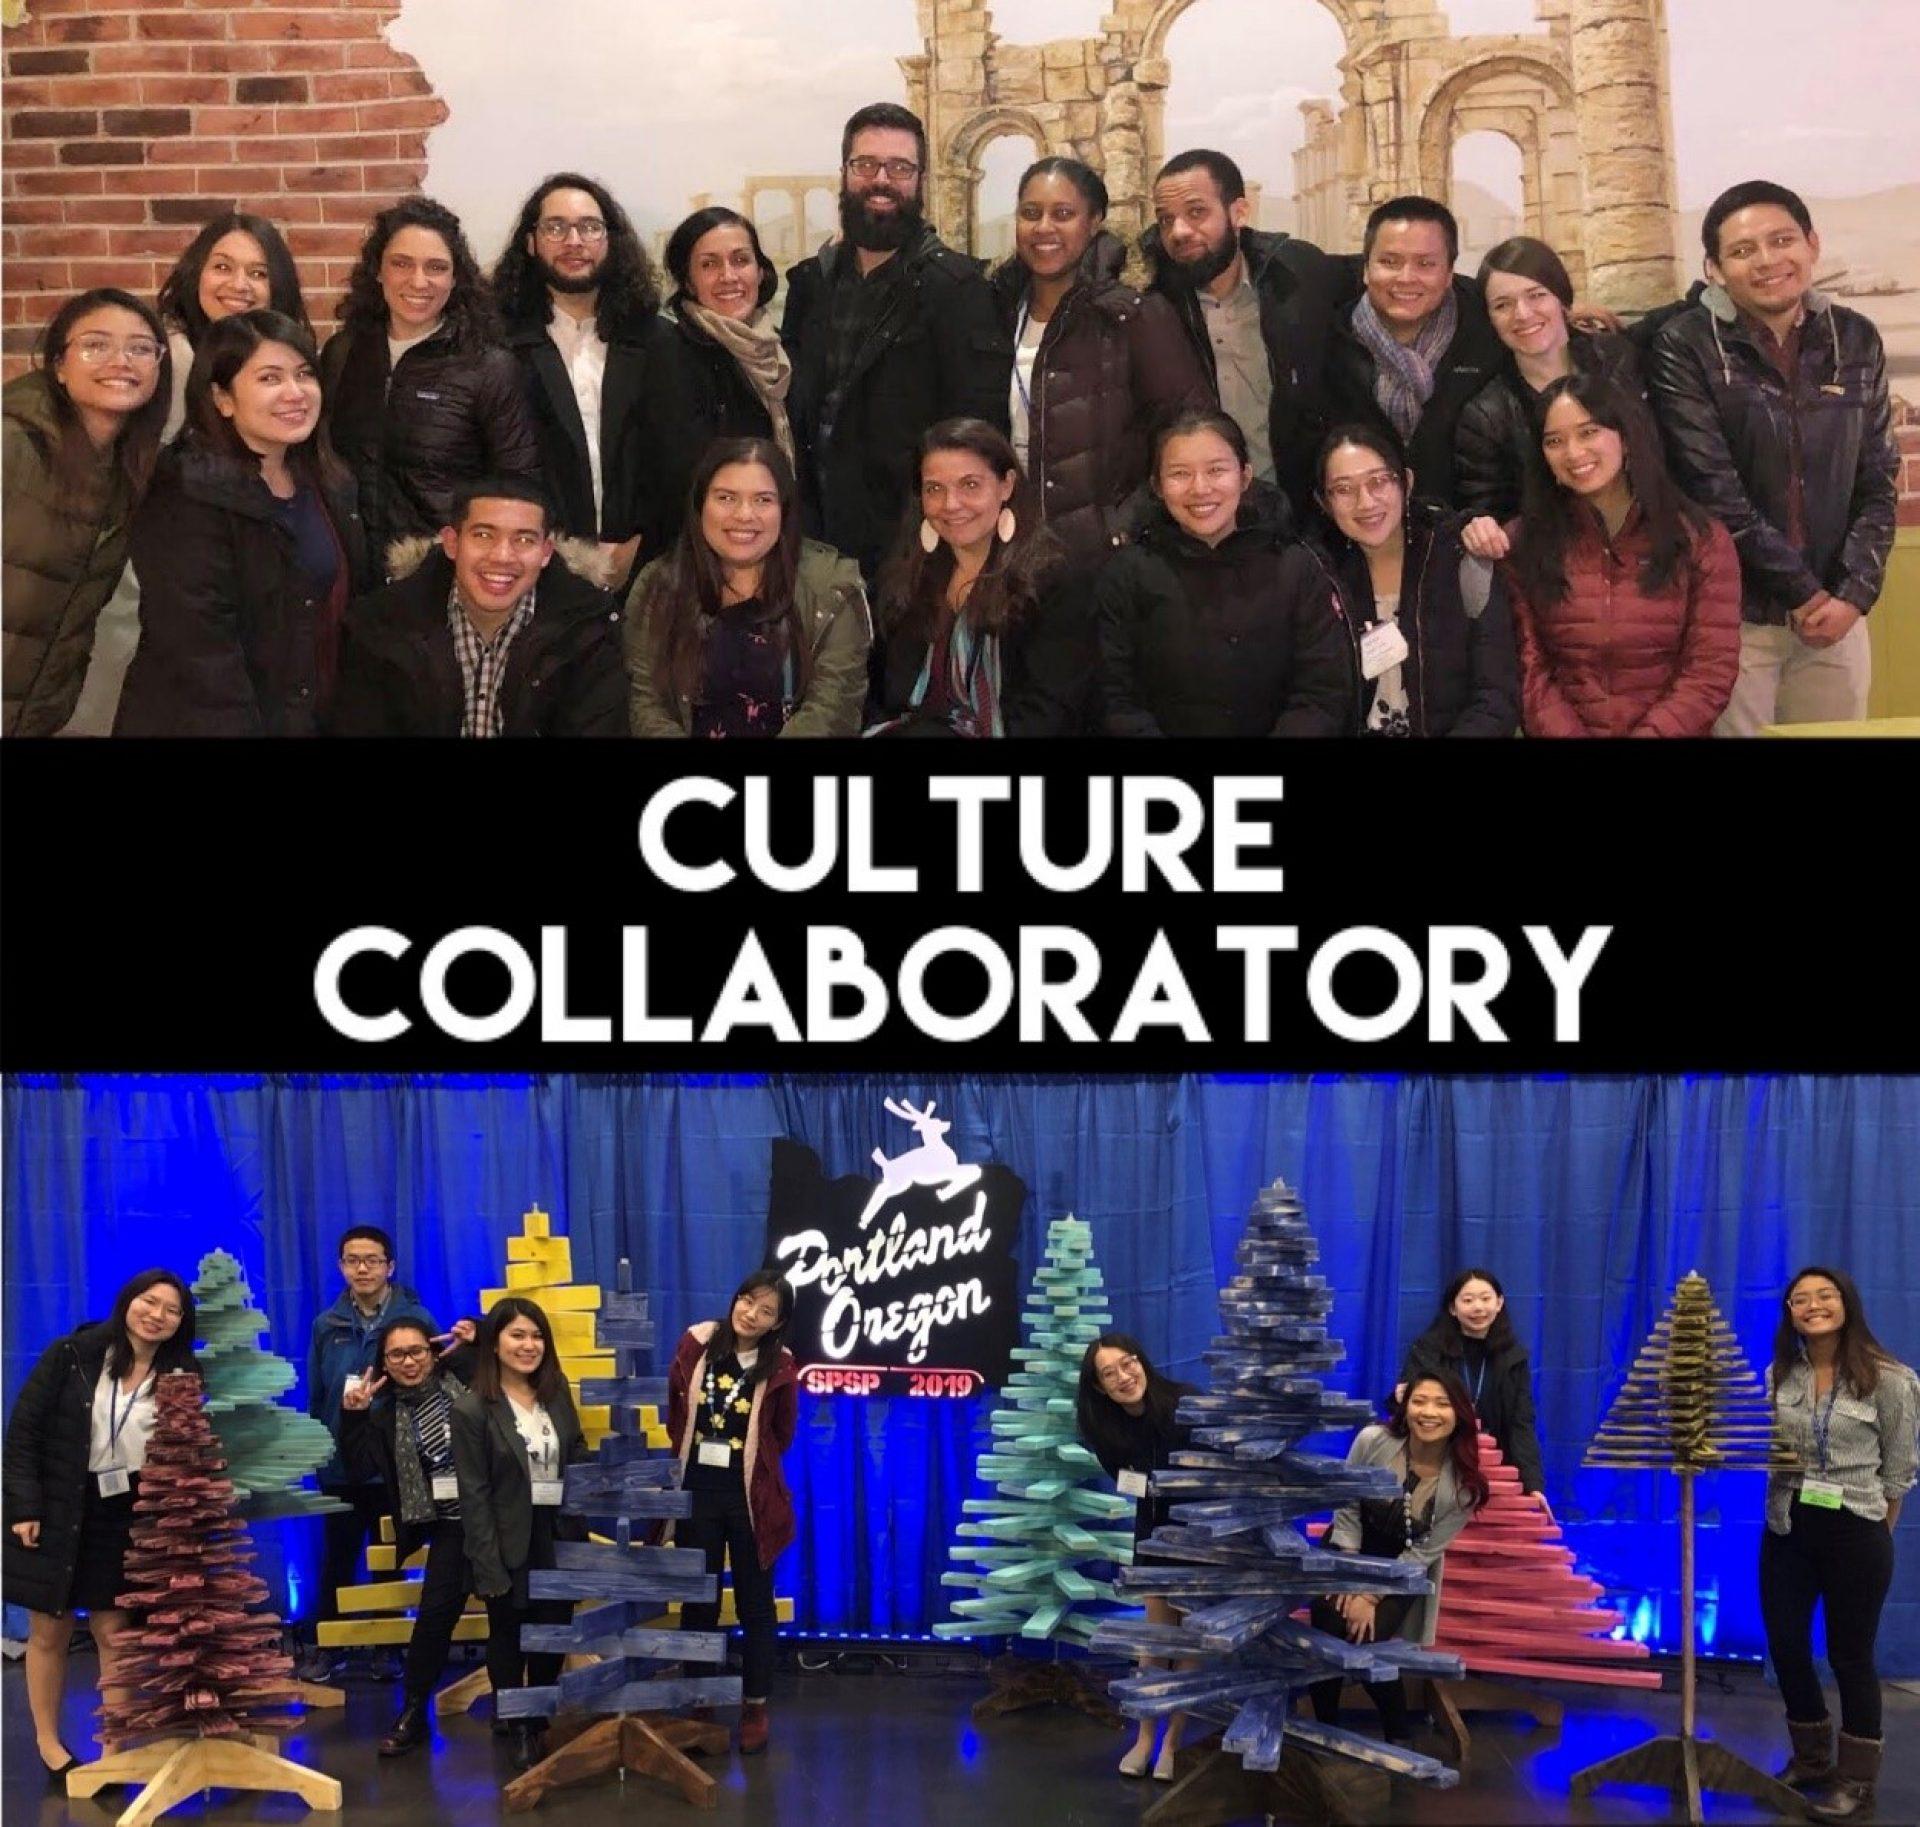 Culture Collaboratory